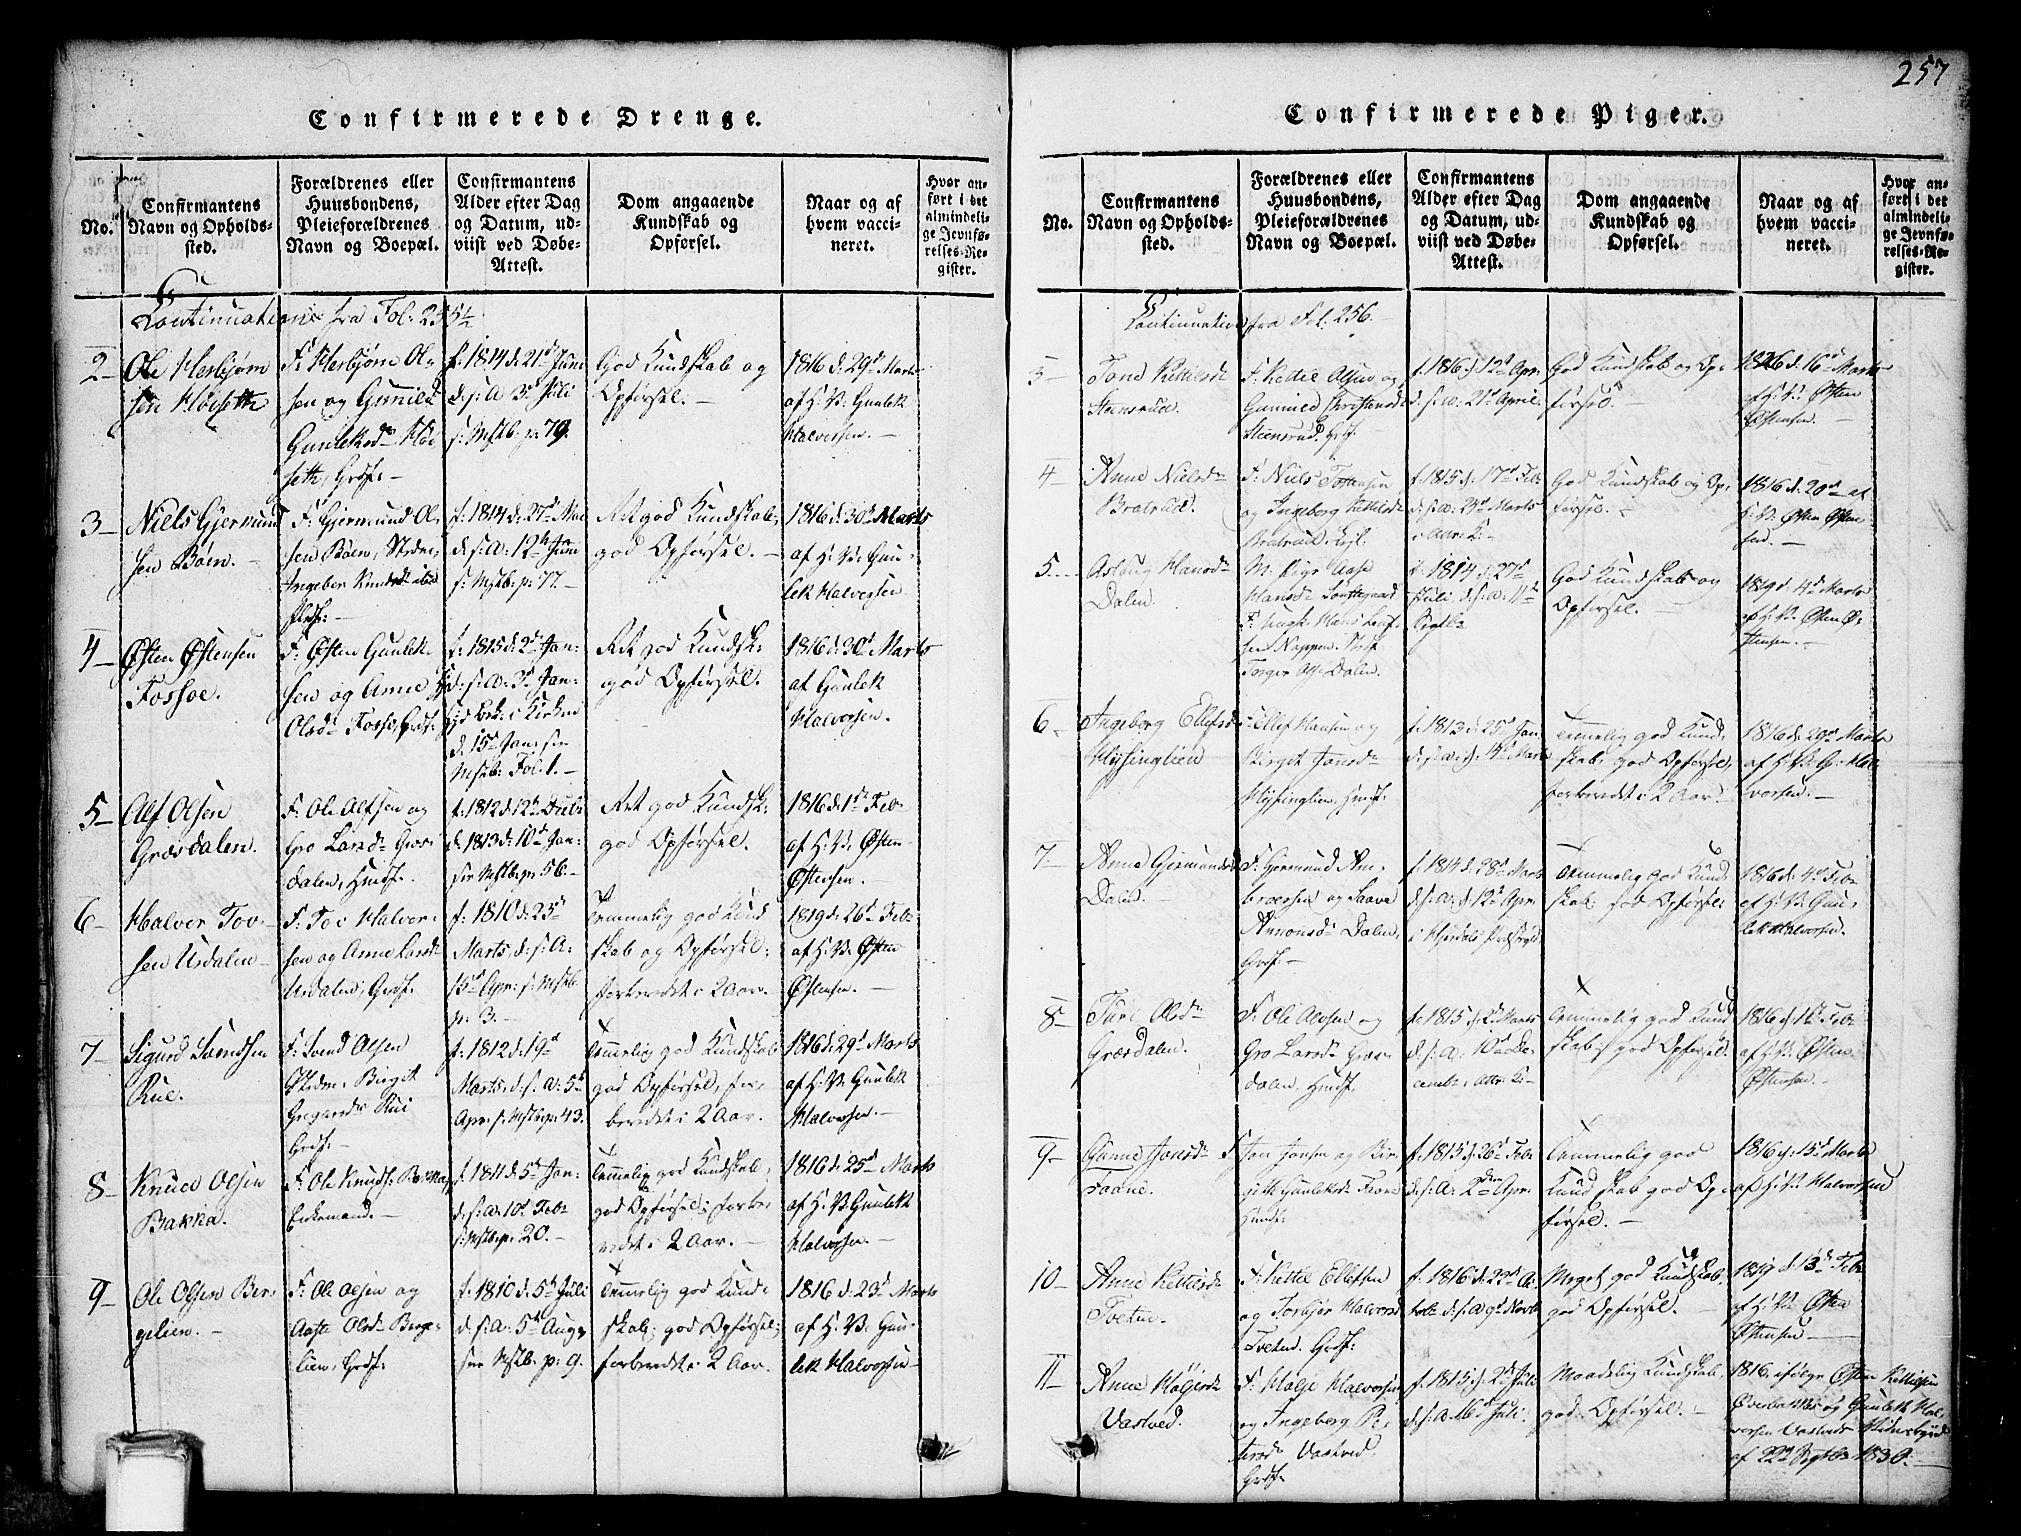 SAKO, Gransherad kirkebøker, G/Gb/L0001: Klokkerbok nr. II 1, 1815-1860, s. 257